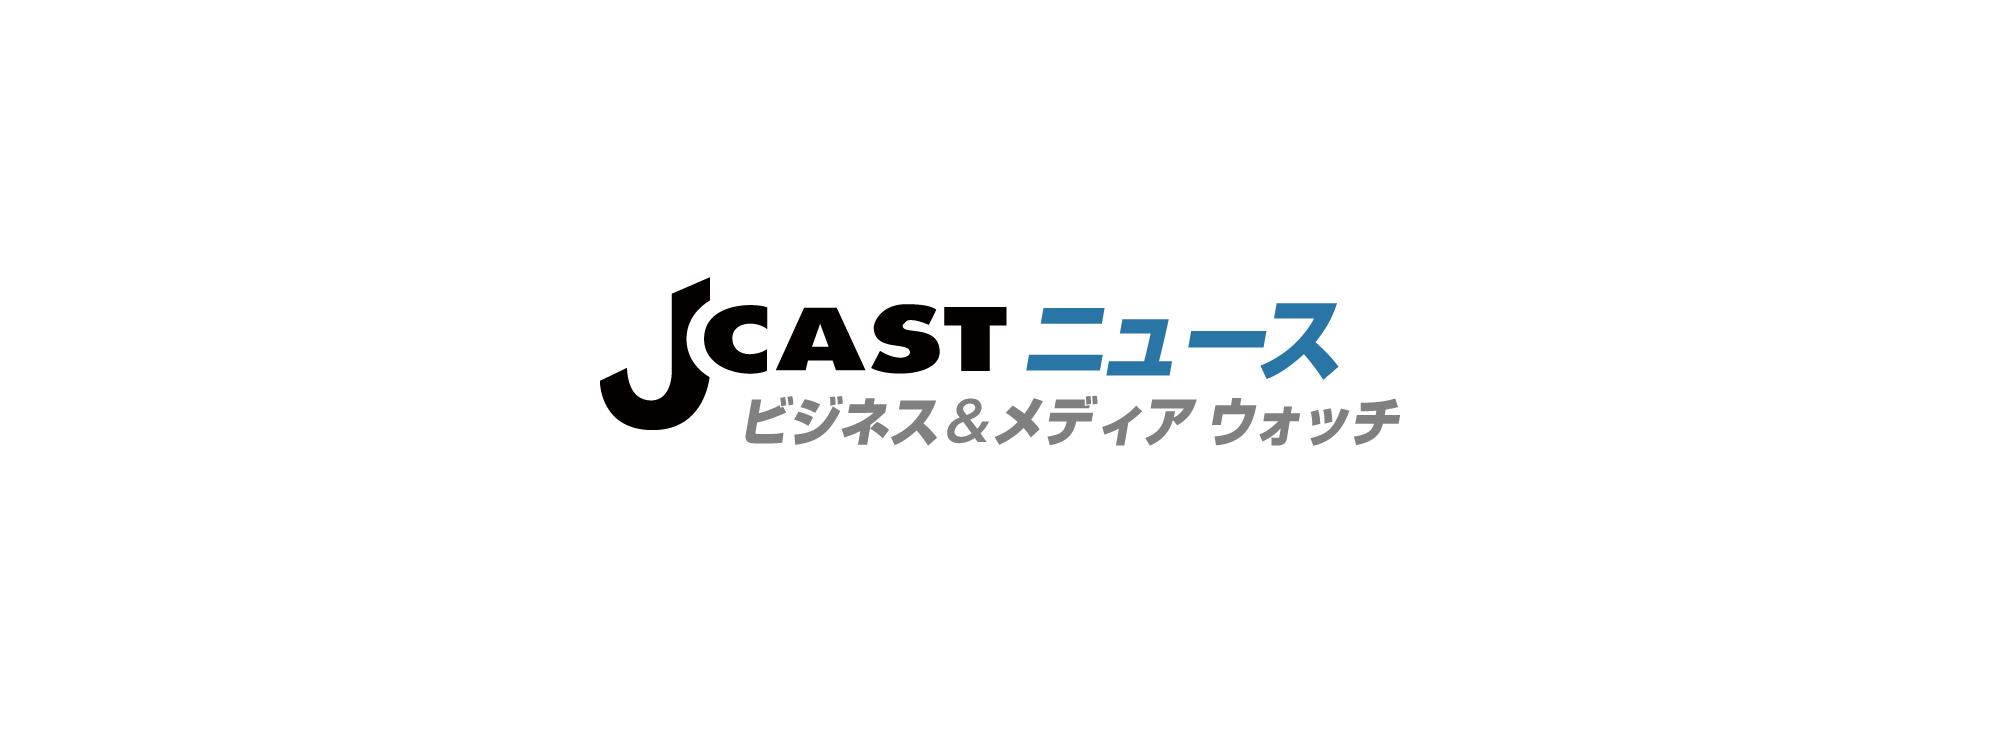 「アンガールズ」山根さんを「強姦」で訴えた女に有罪判決 : J-CASTニュース